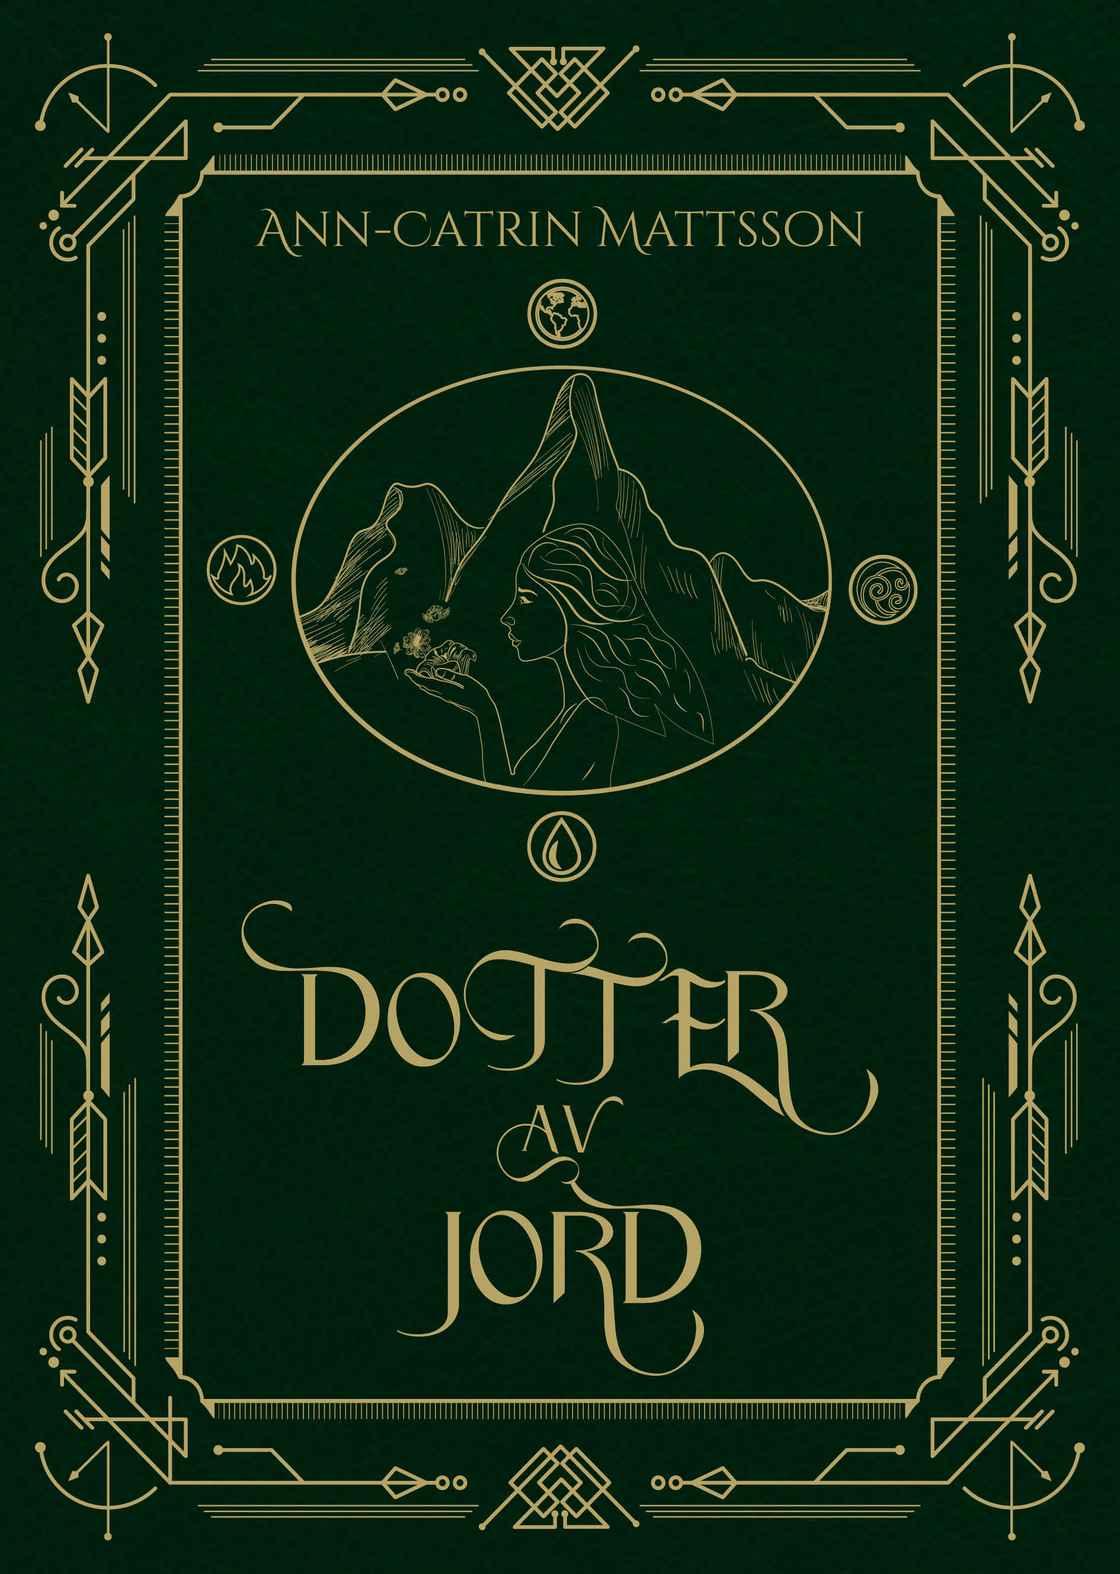 Dotter av Jord cover bok bokomslag